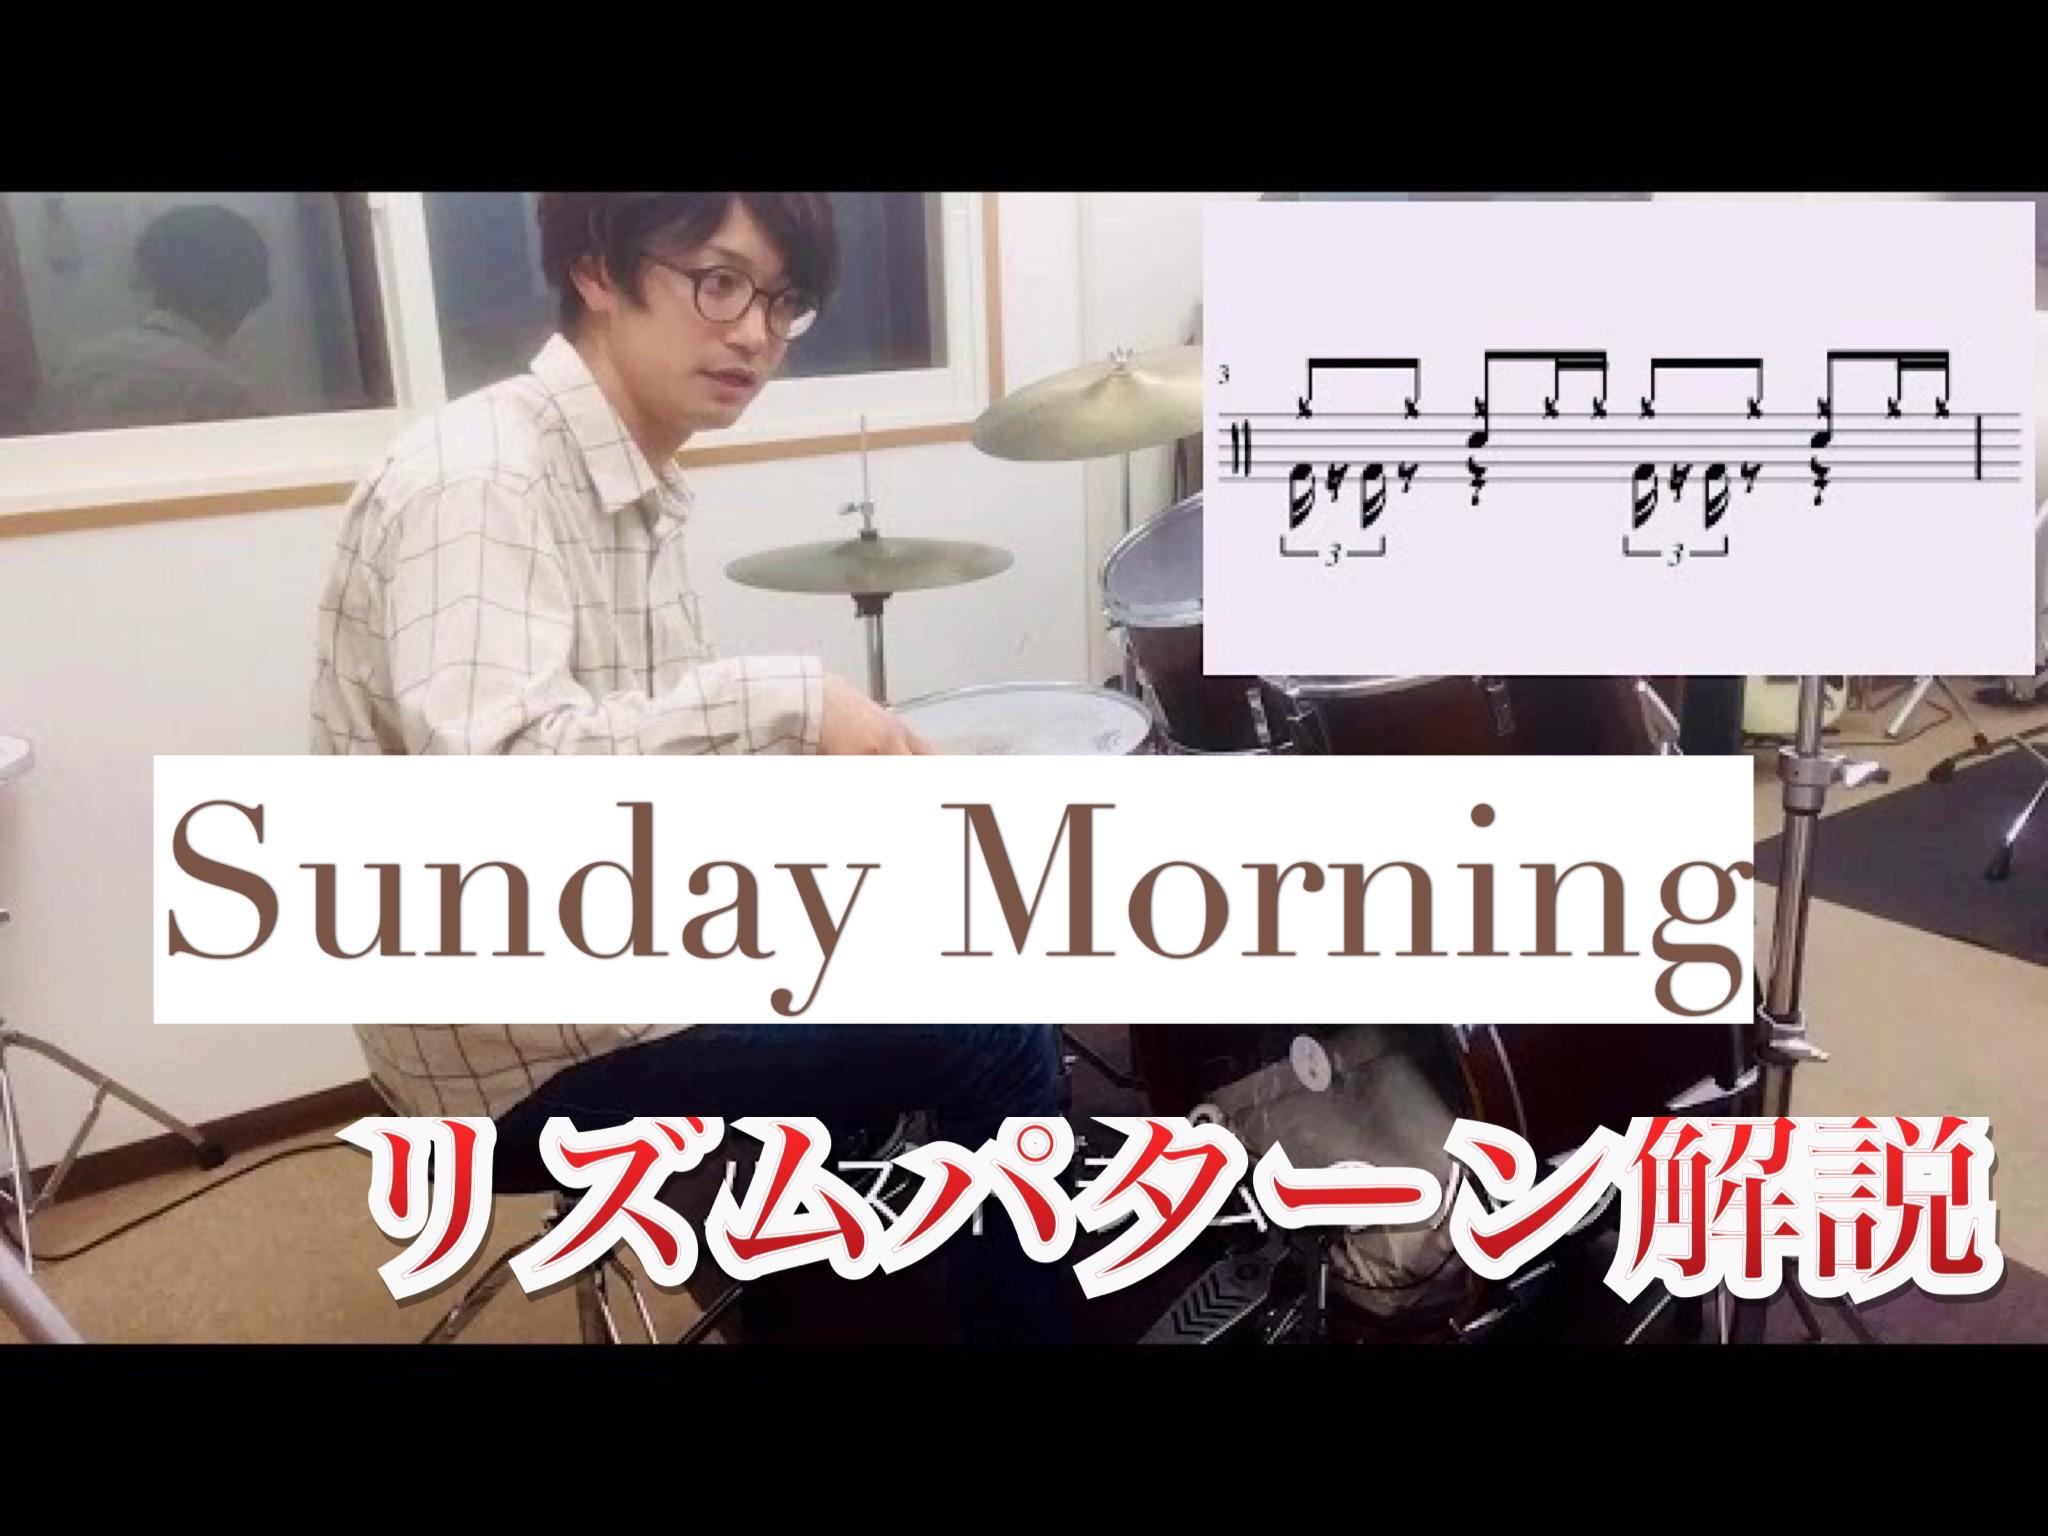 Sunday Morningのリズムパターンのサムネイル